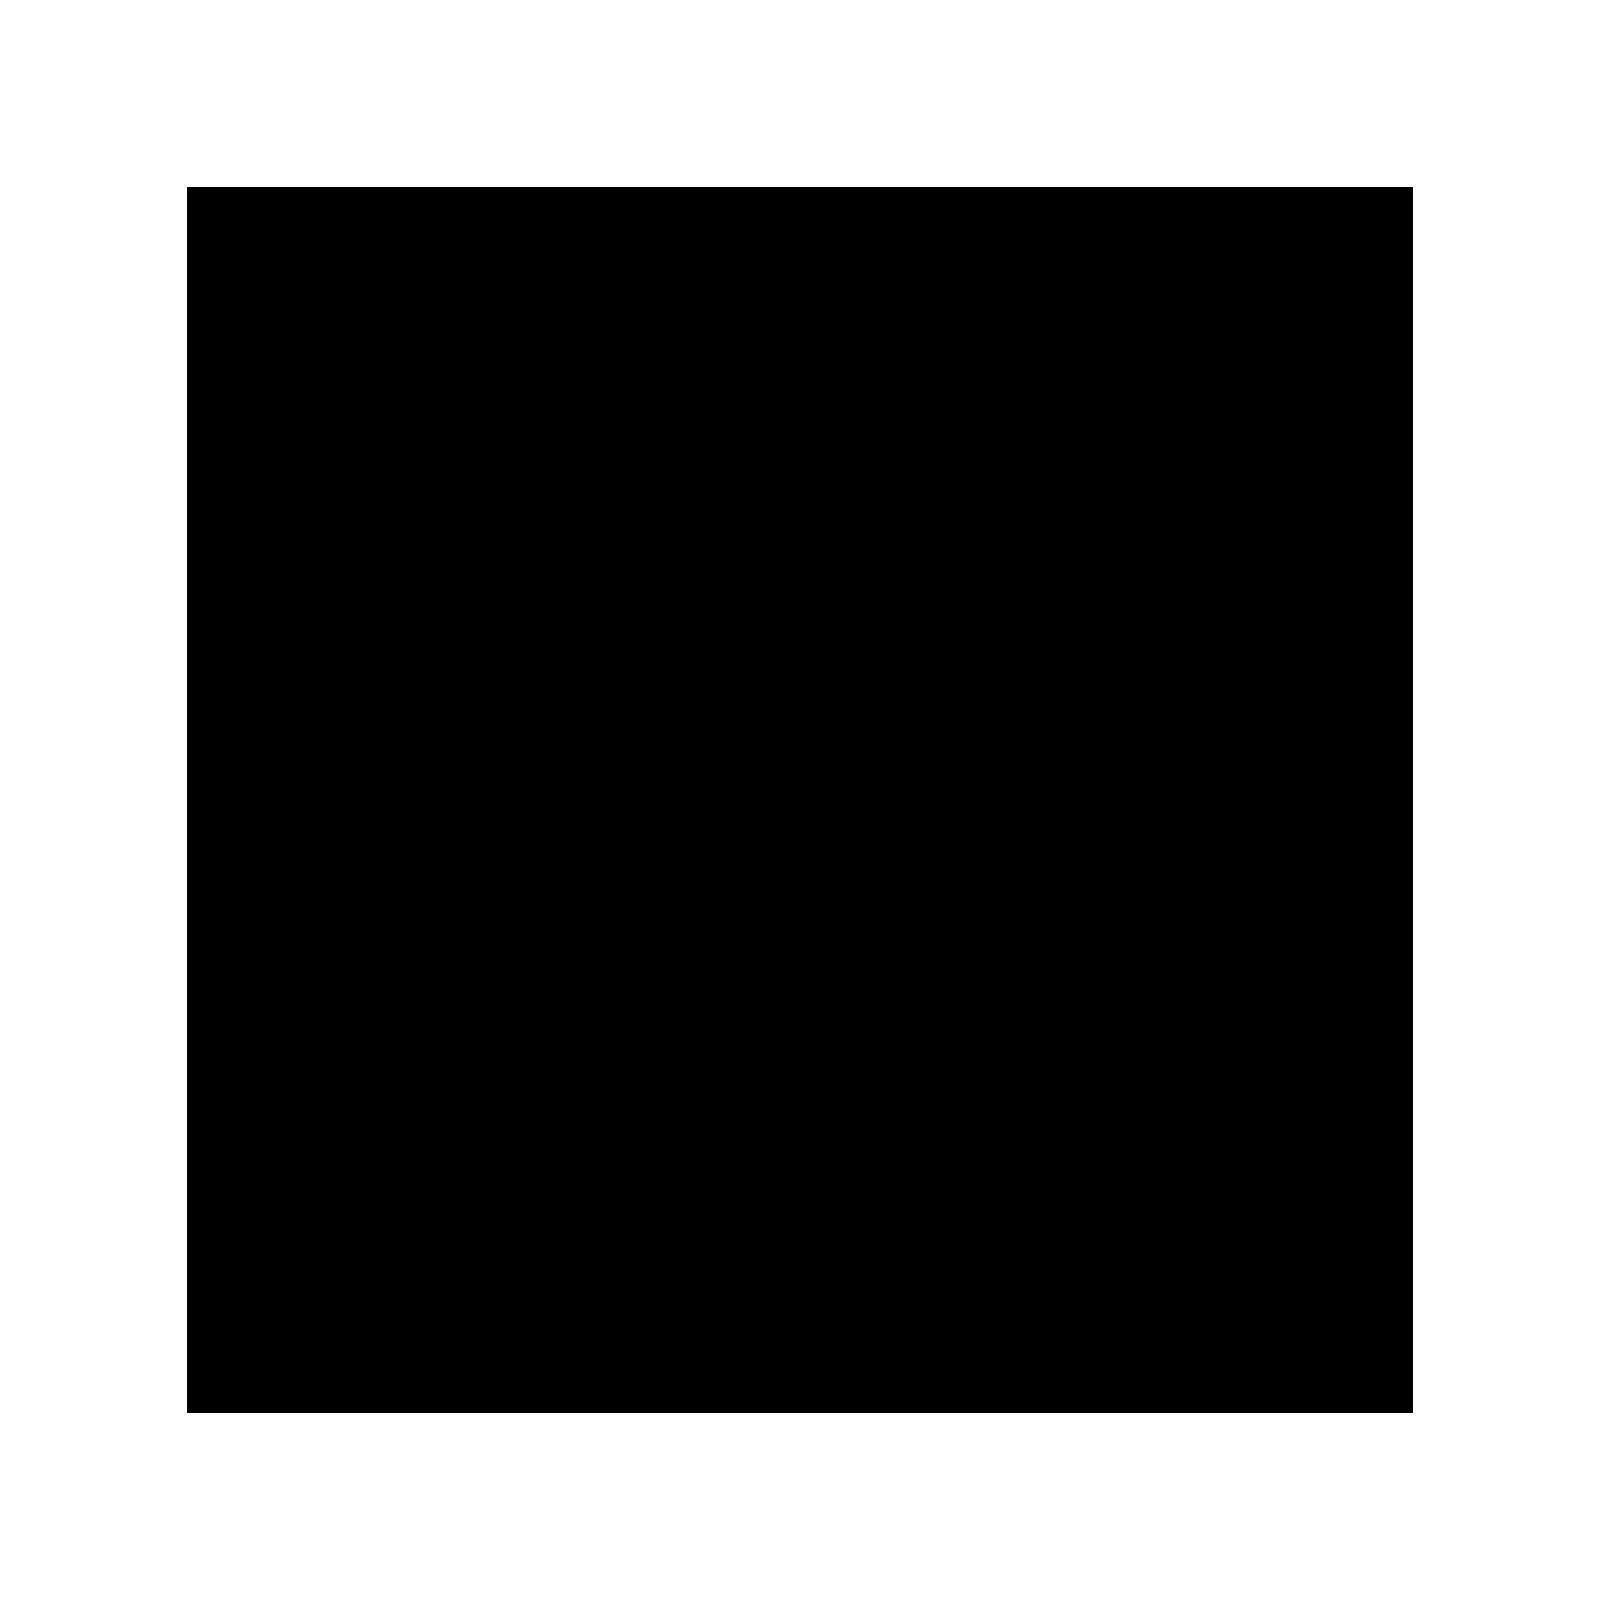 Single-hole basin unit with antique spout